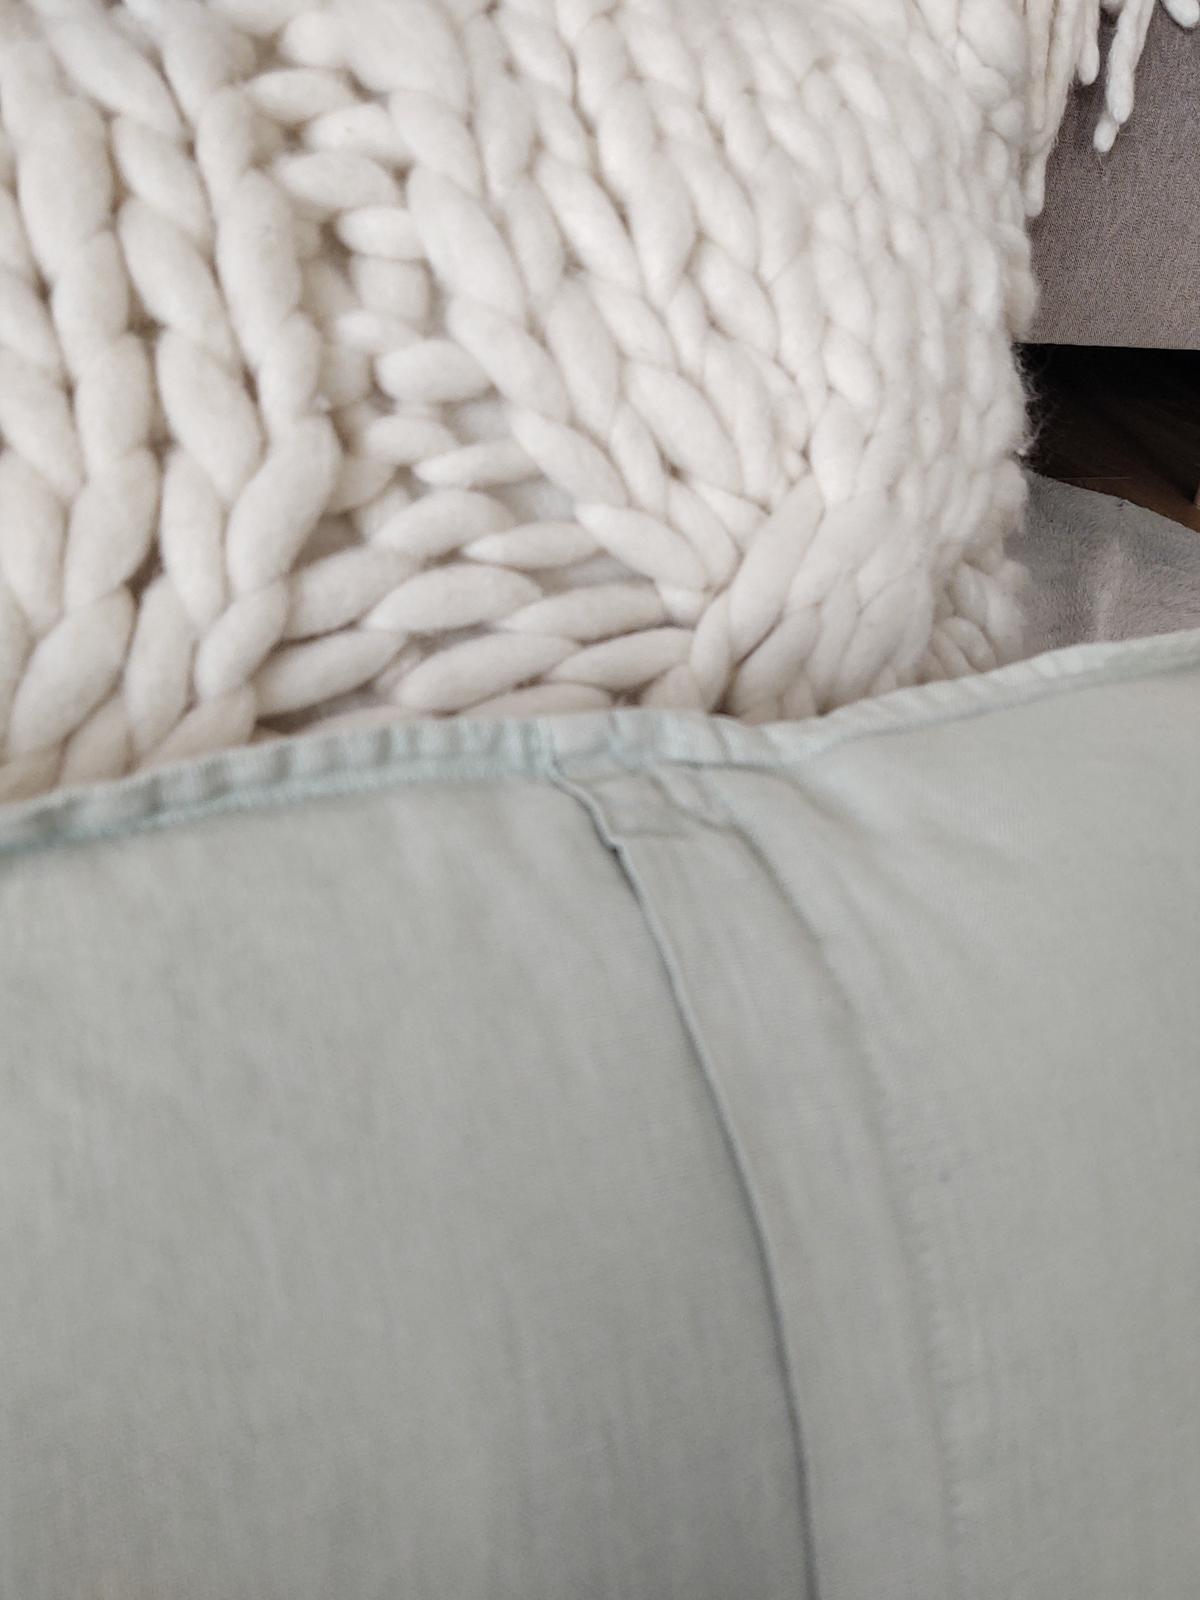 Lnený a vlněný polštář - Obrázek č. 4